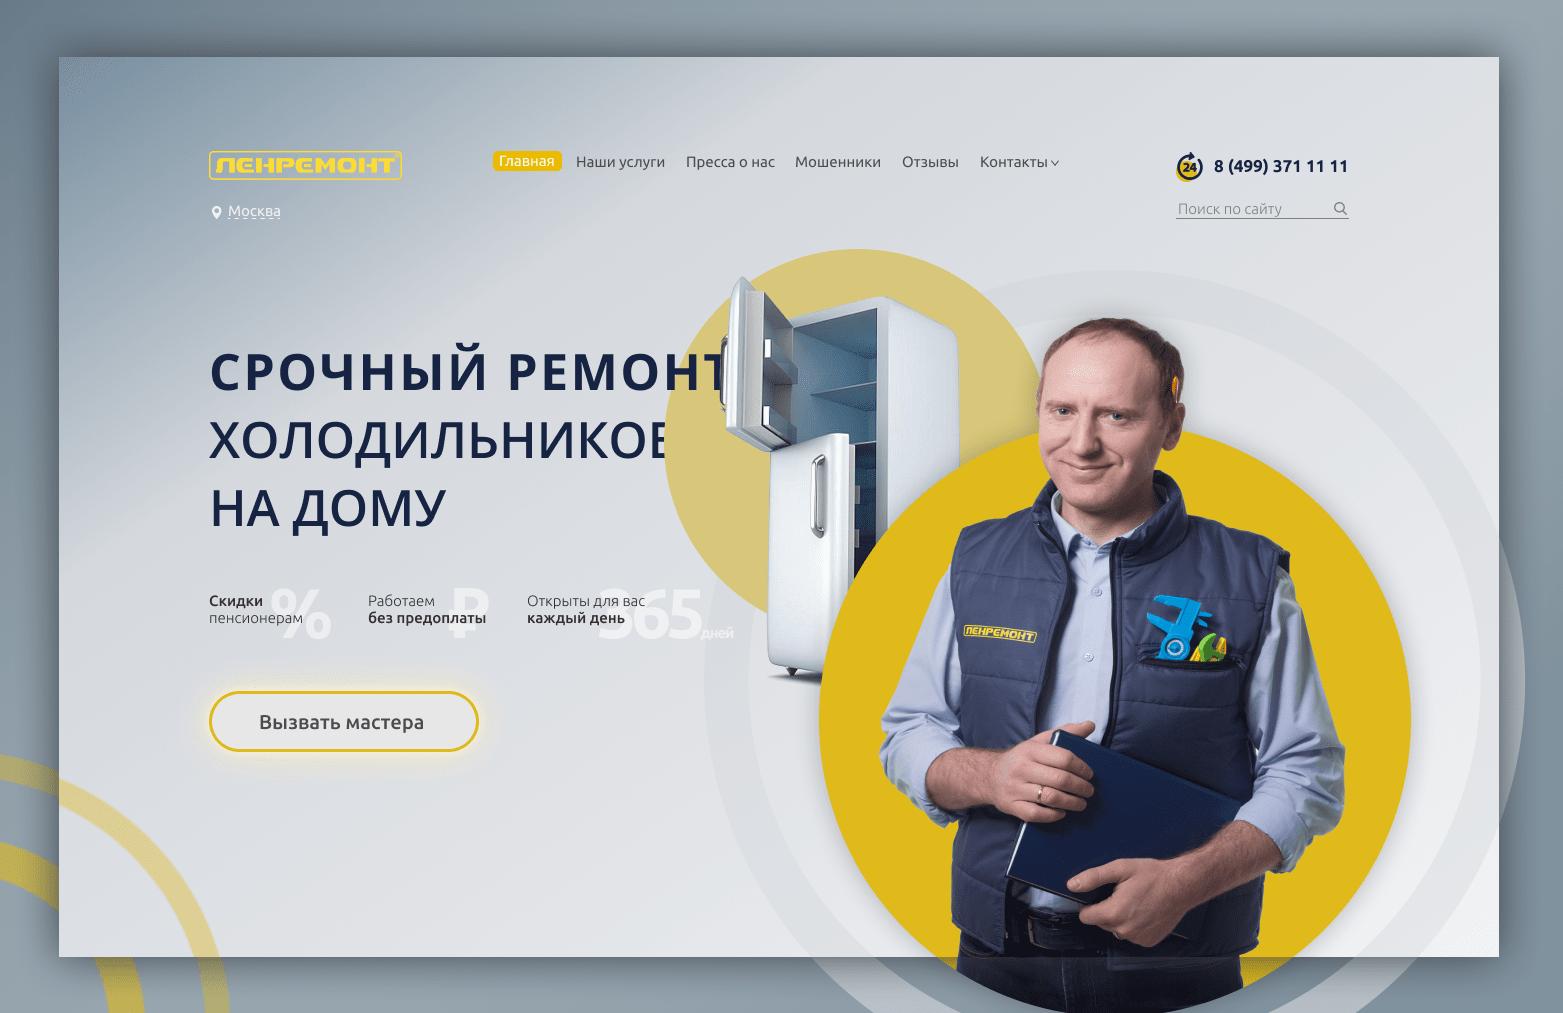 Chi phí thiết kế website điện lạnh hết bao nhiêu tiền?